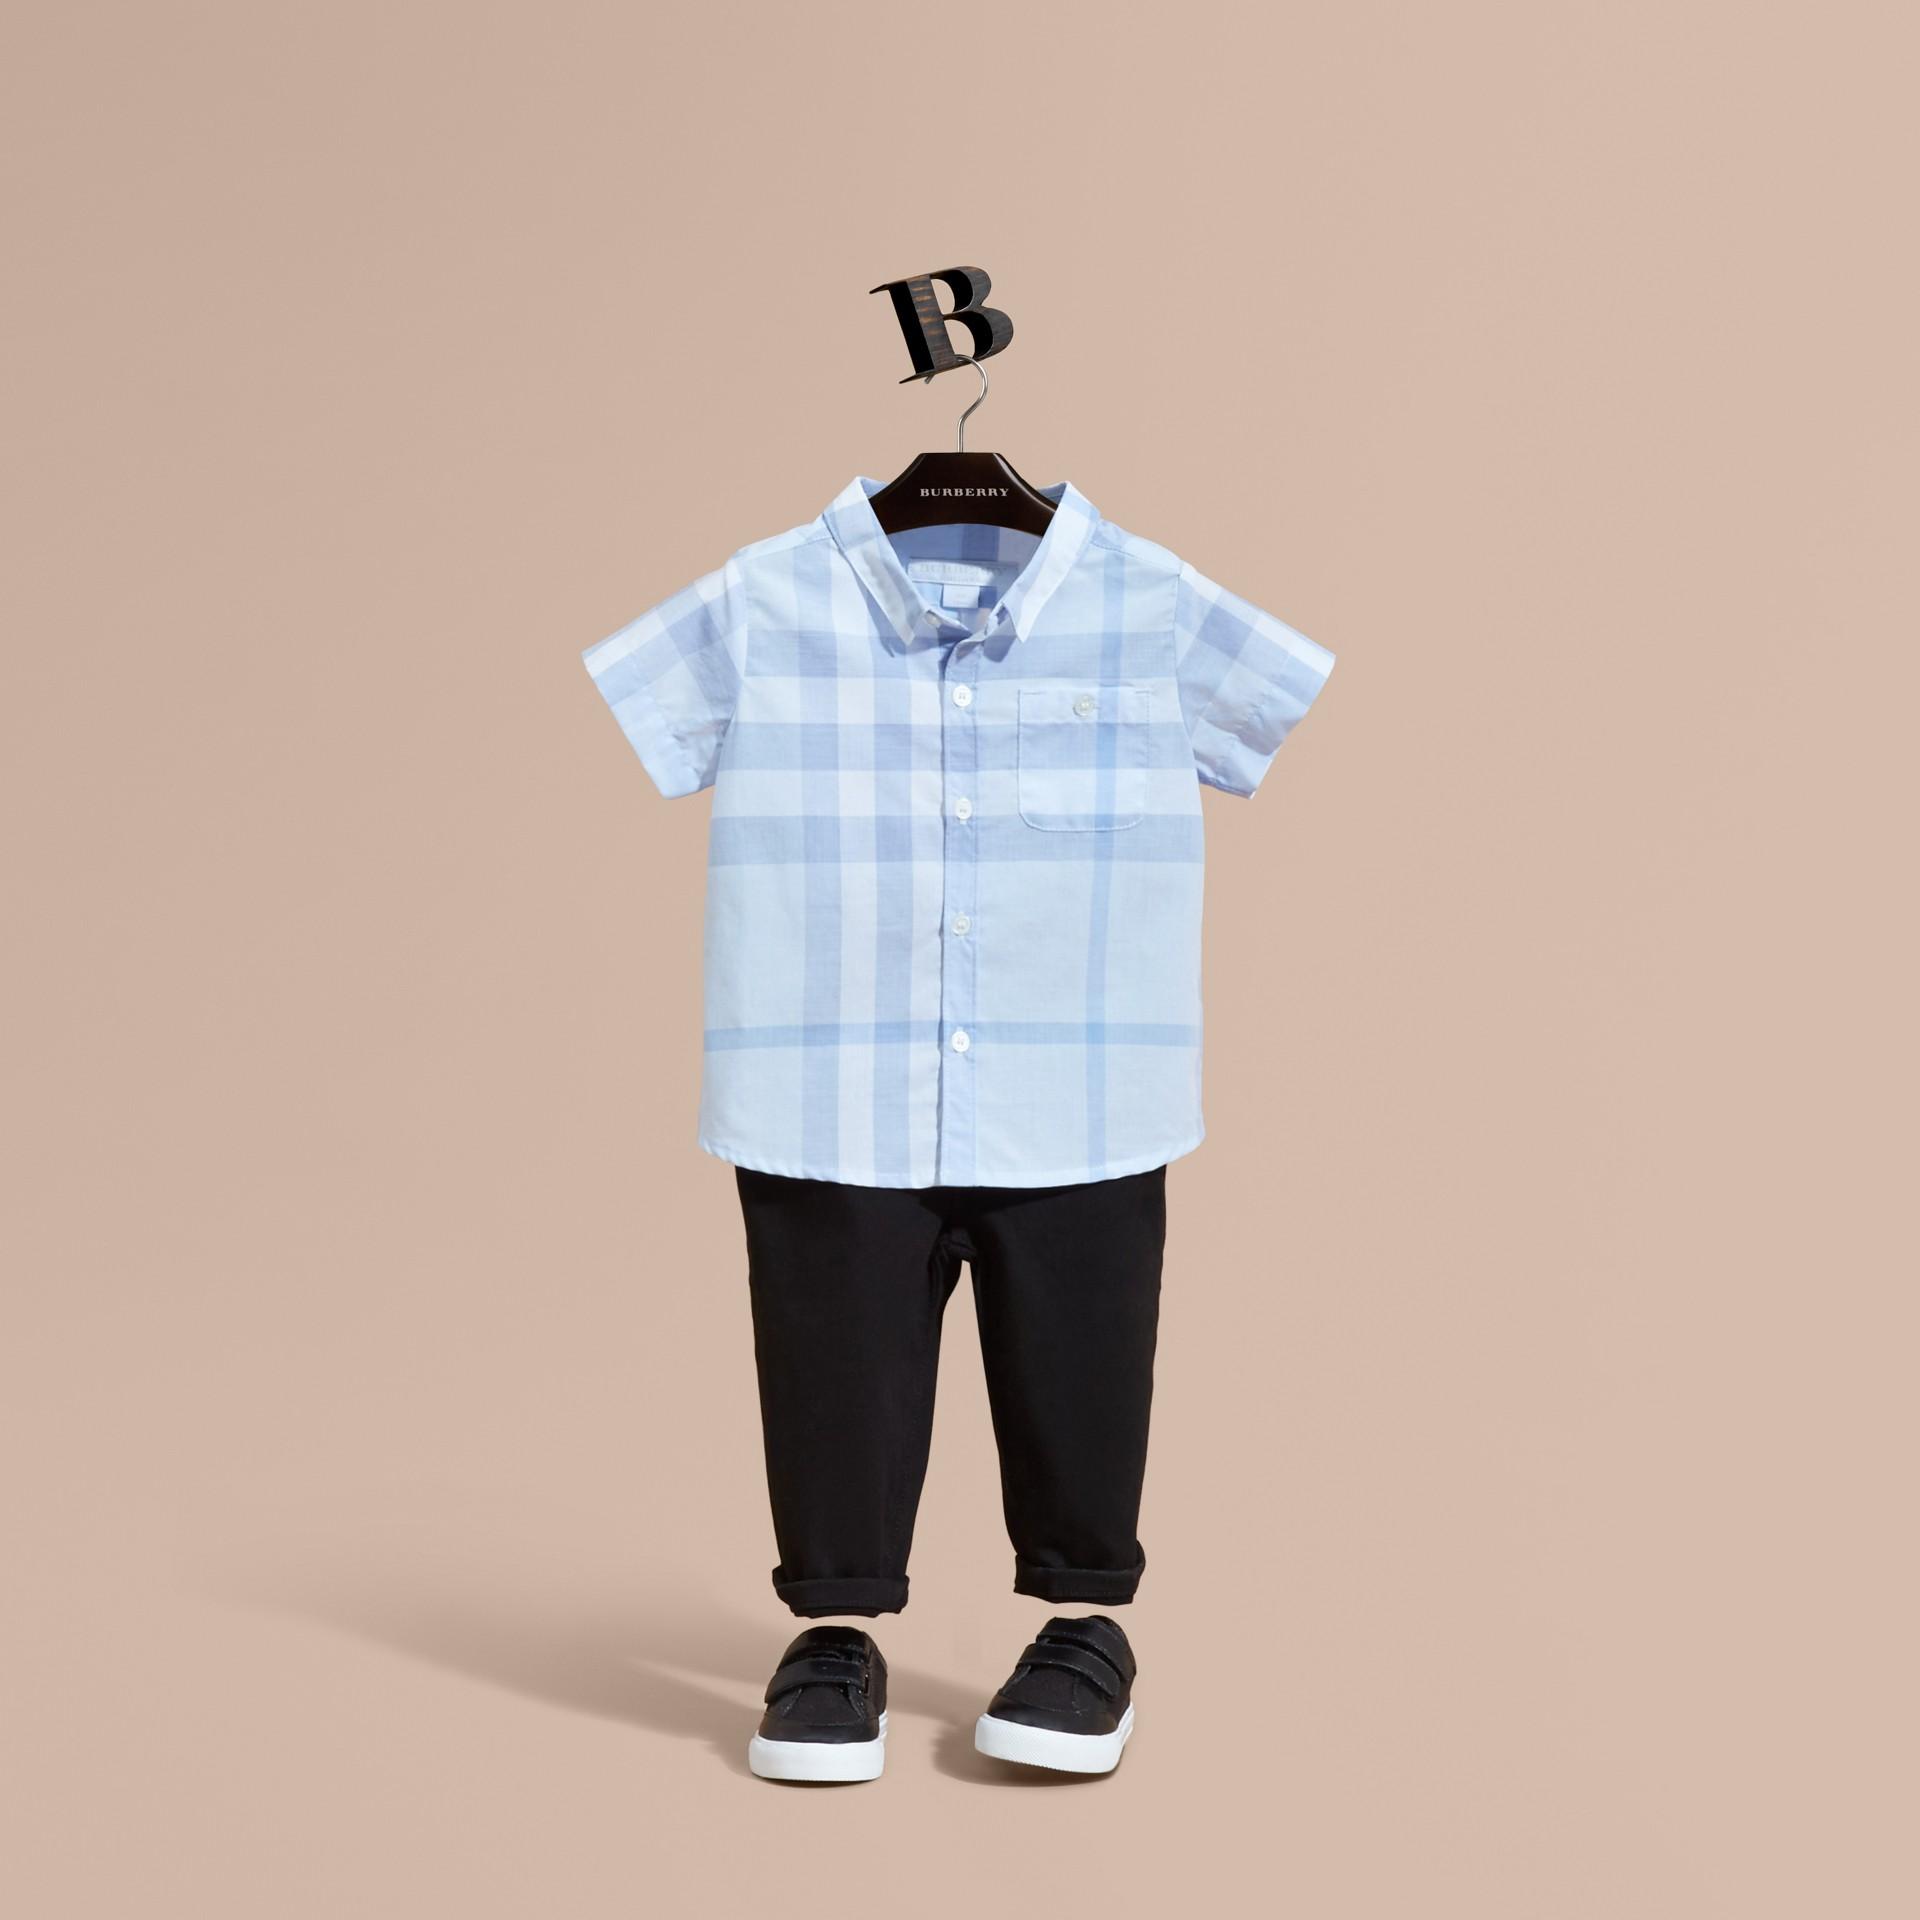 Bleu glacé Chemise en coton à manches courtes avec motif check - photo de la galerie 1